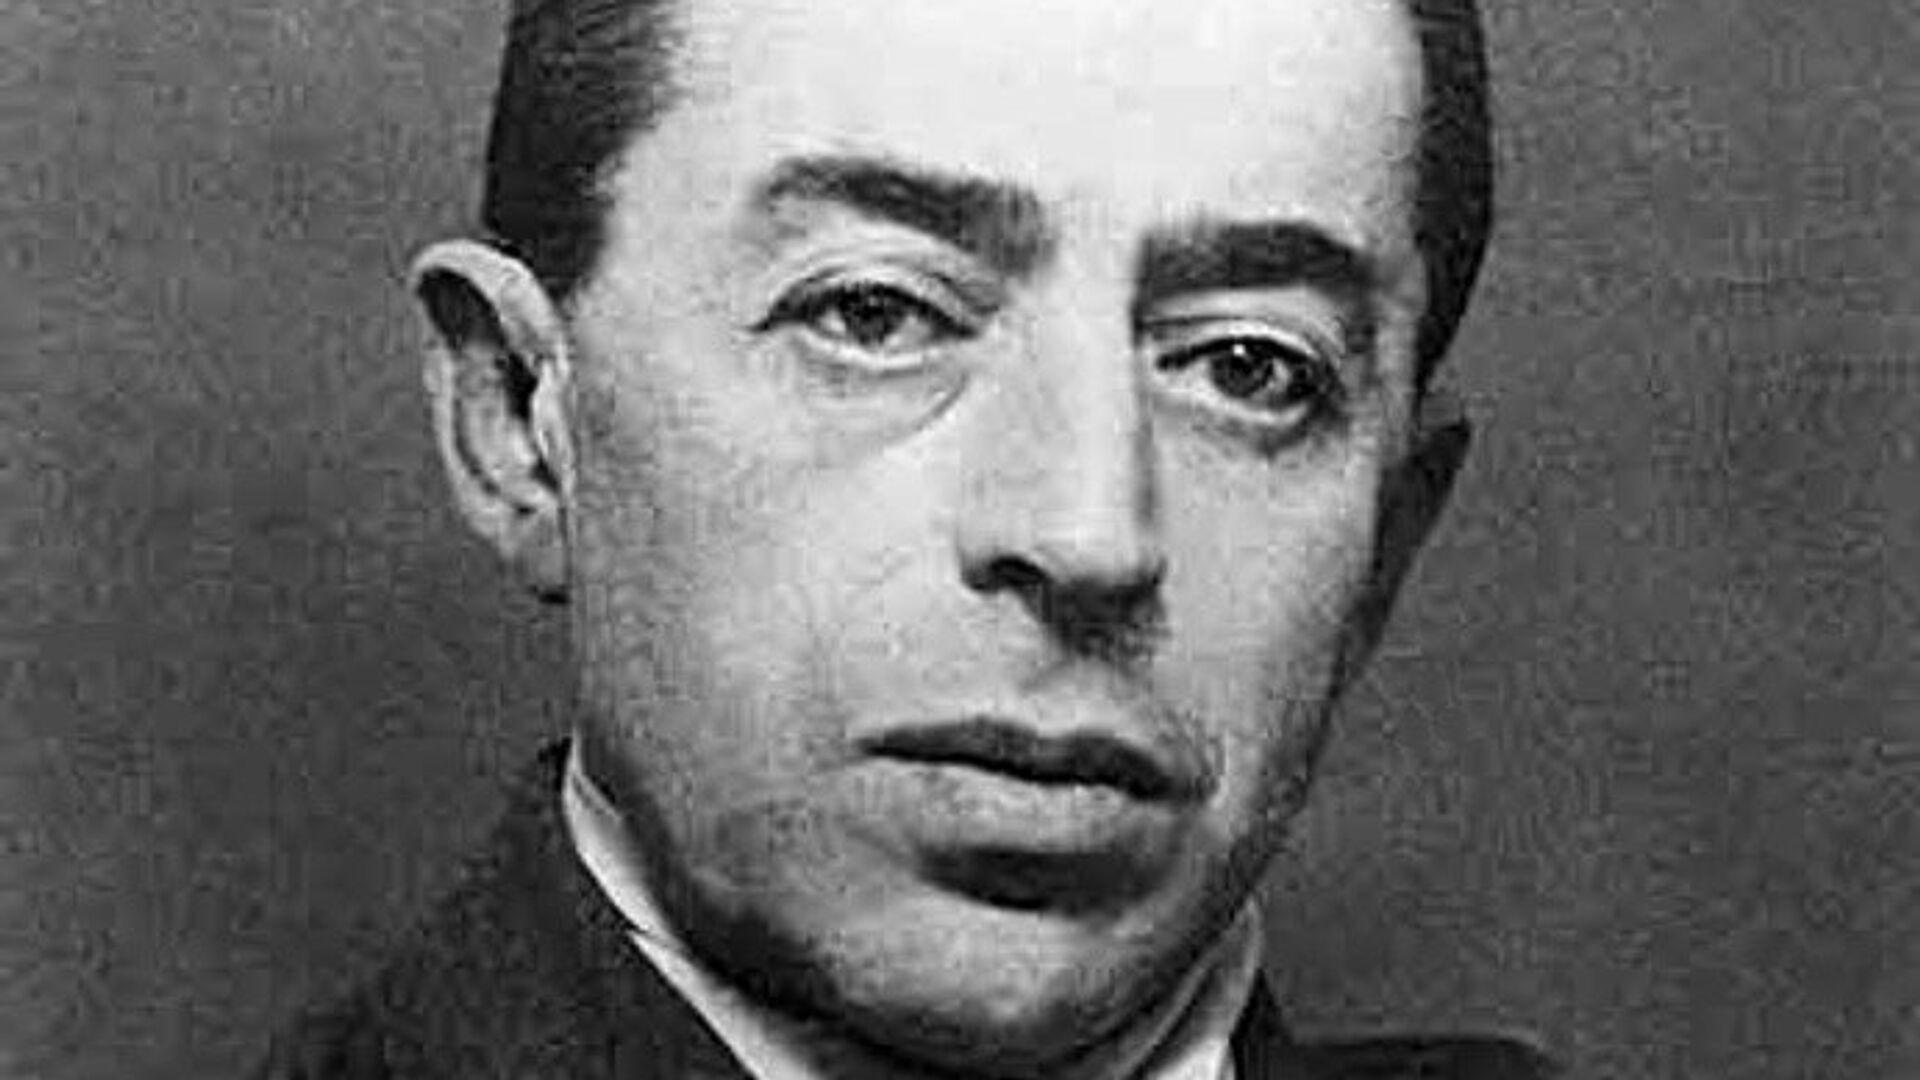 Агент английской разведки ST-1 Сидней Рейли - РИА Новости, 1920, 05.11.2020